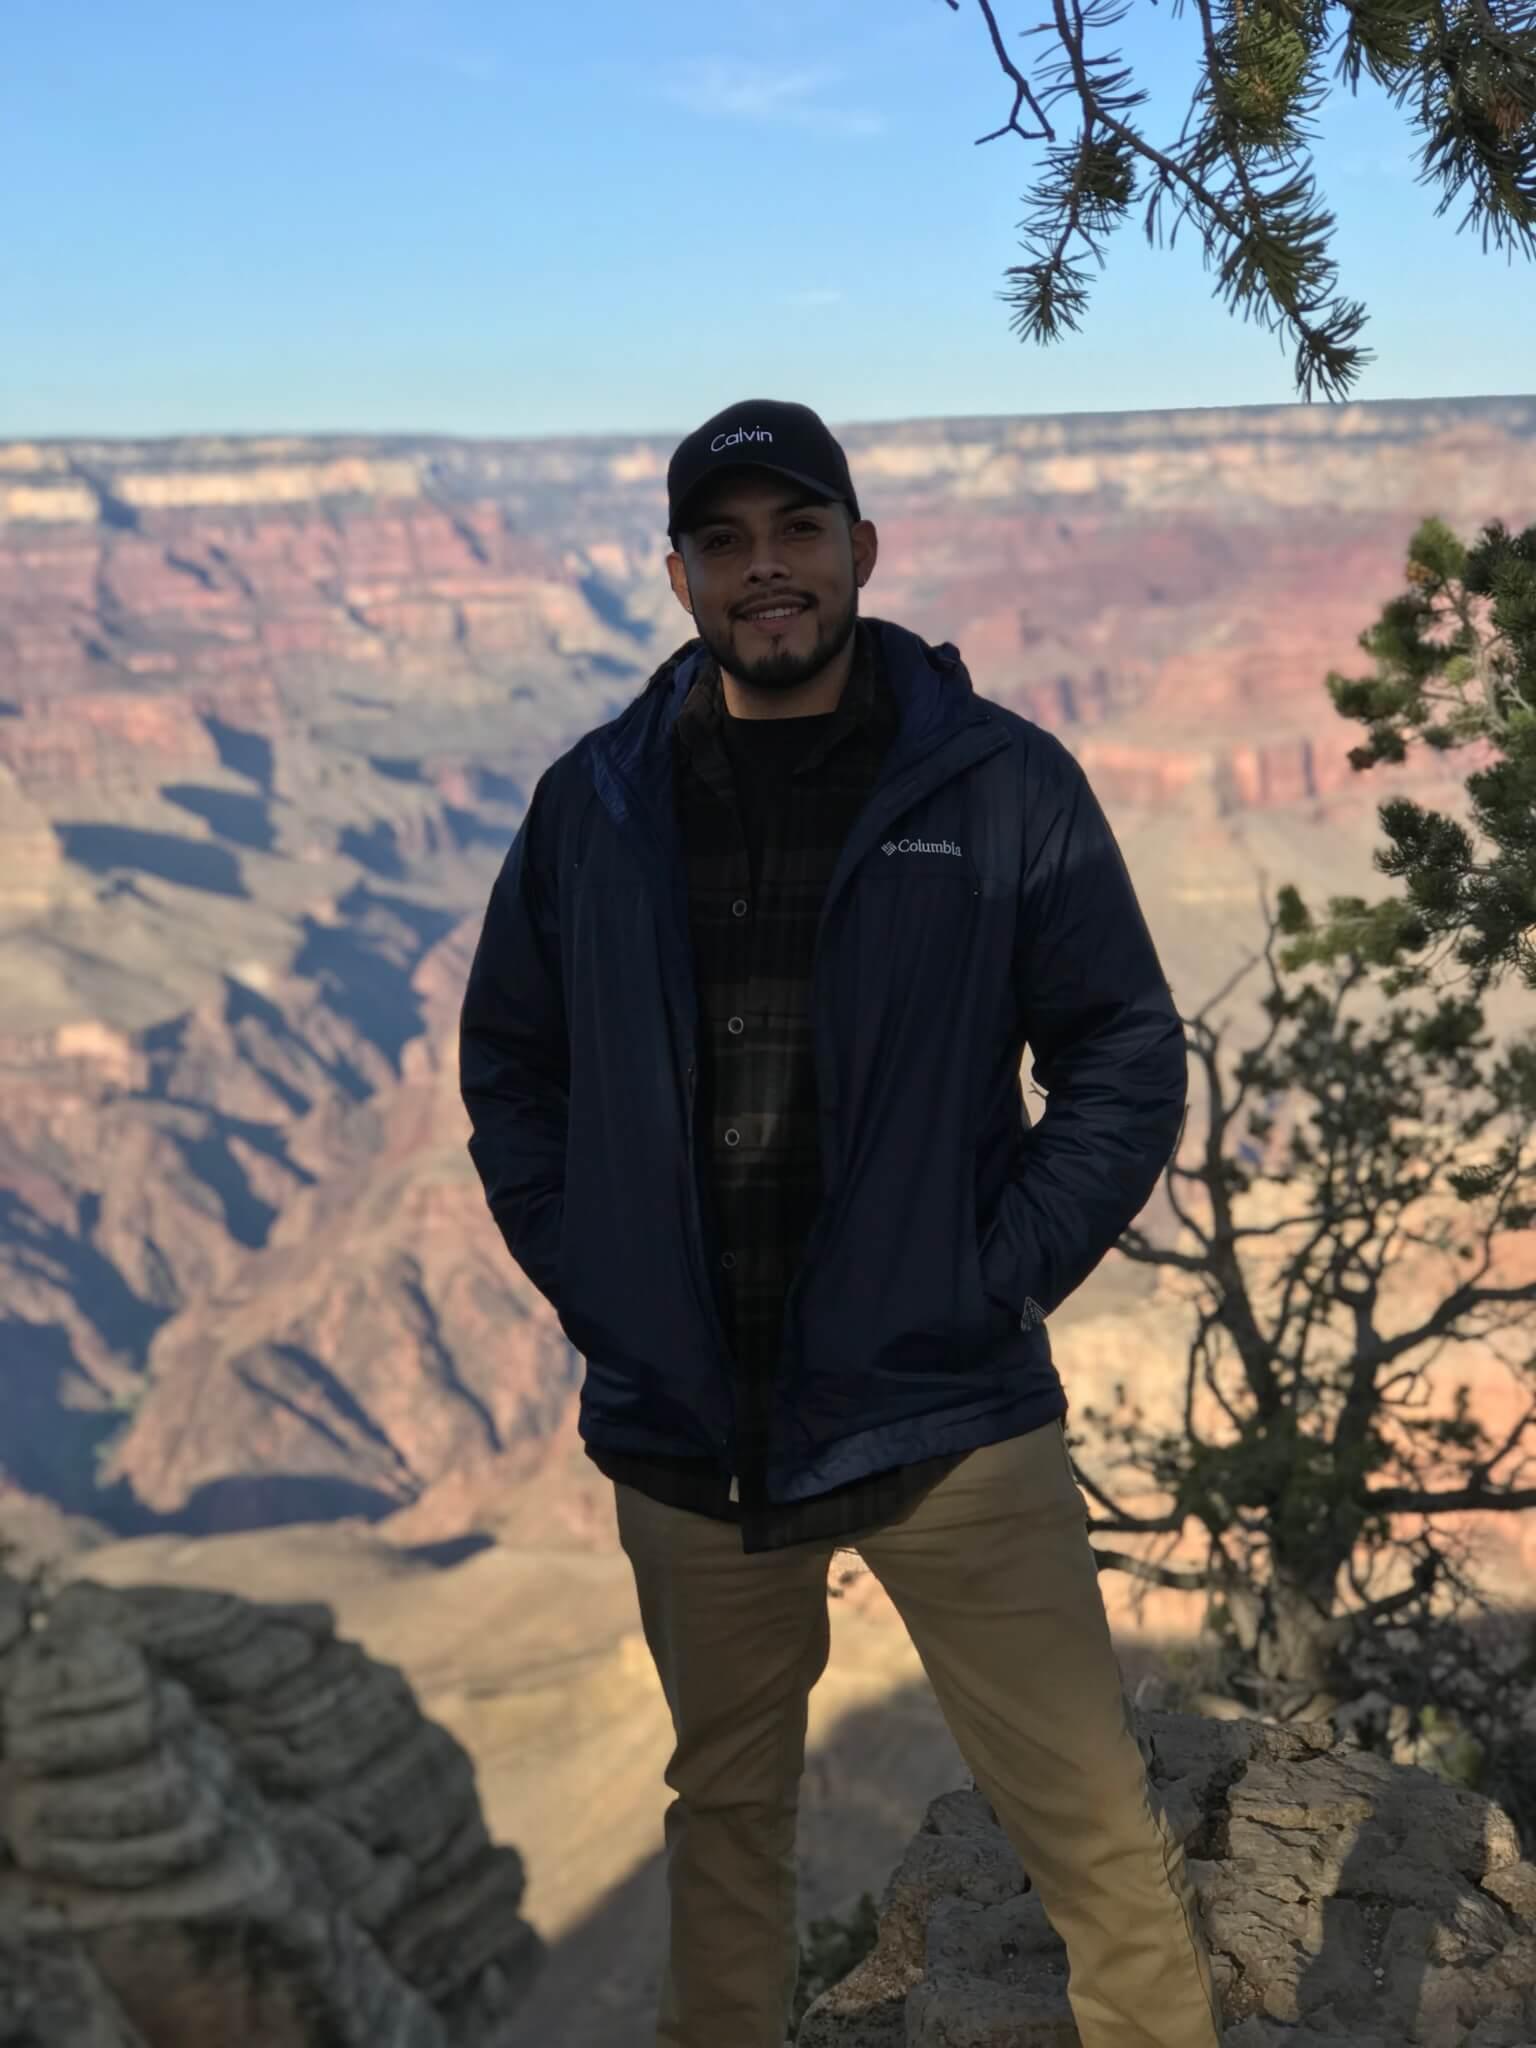 Brayan Juarez - GeoLinks.com